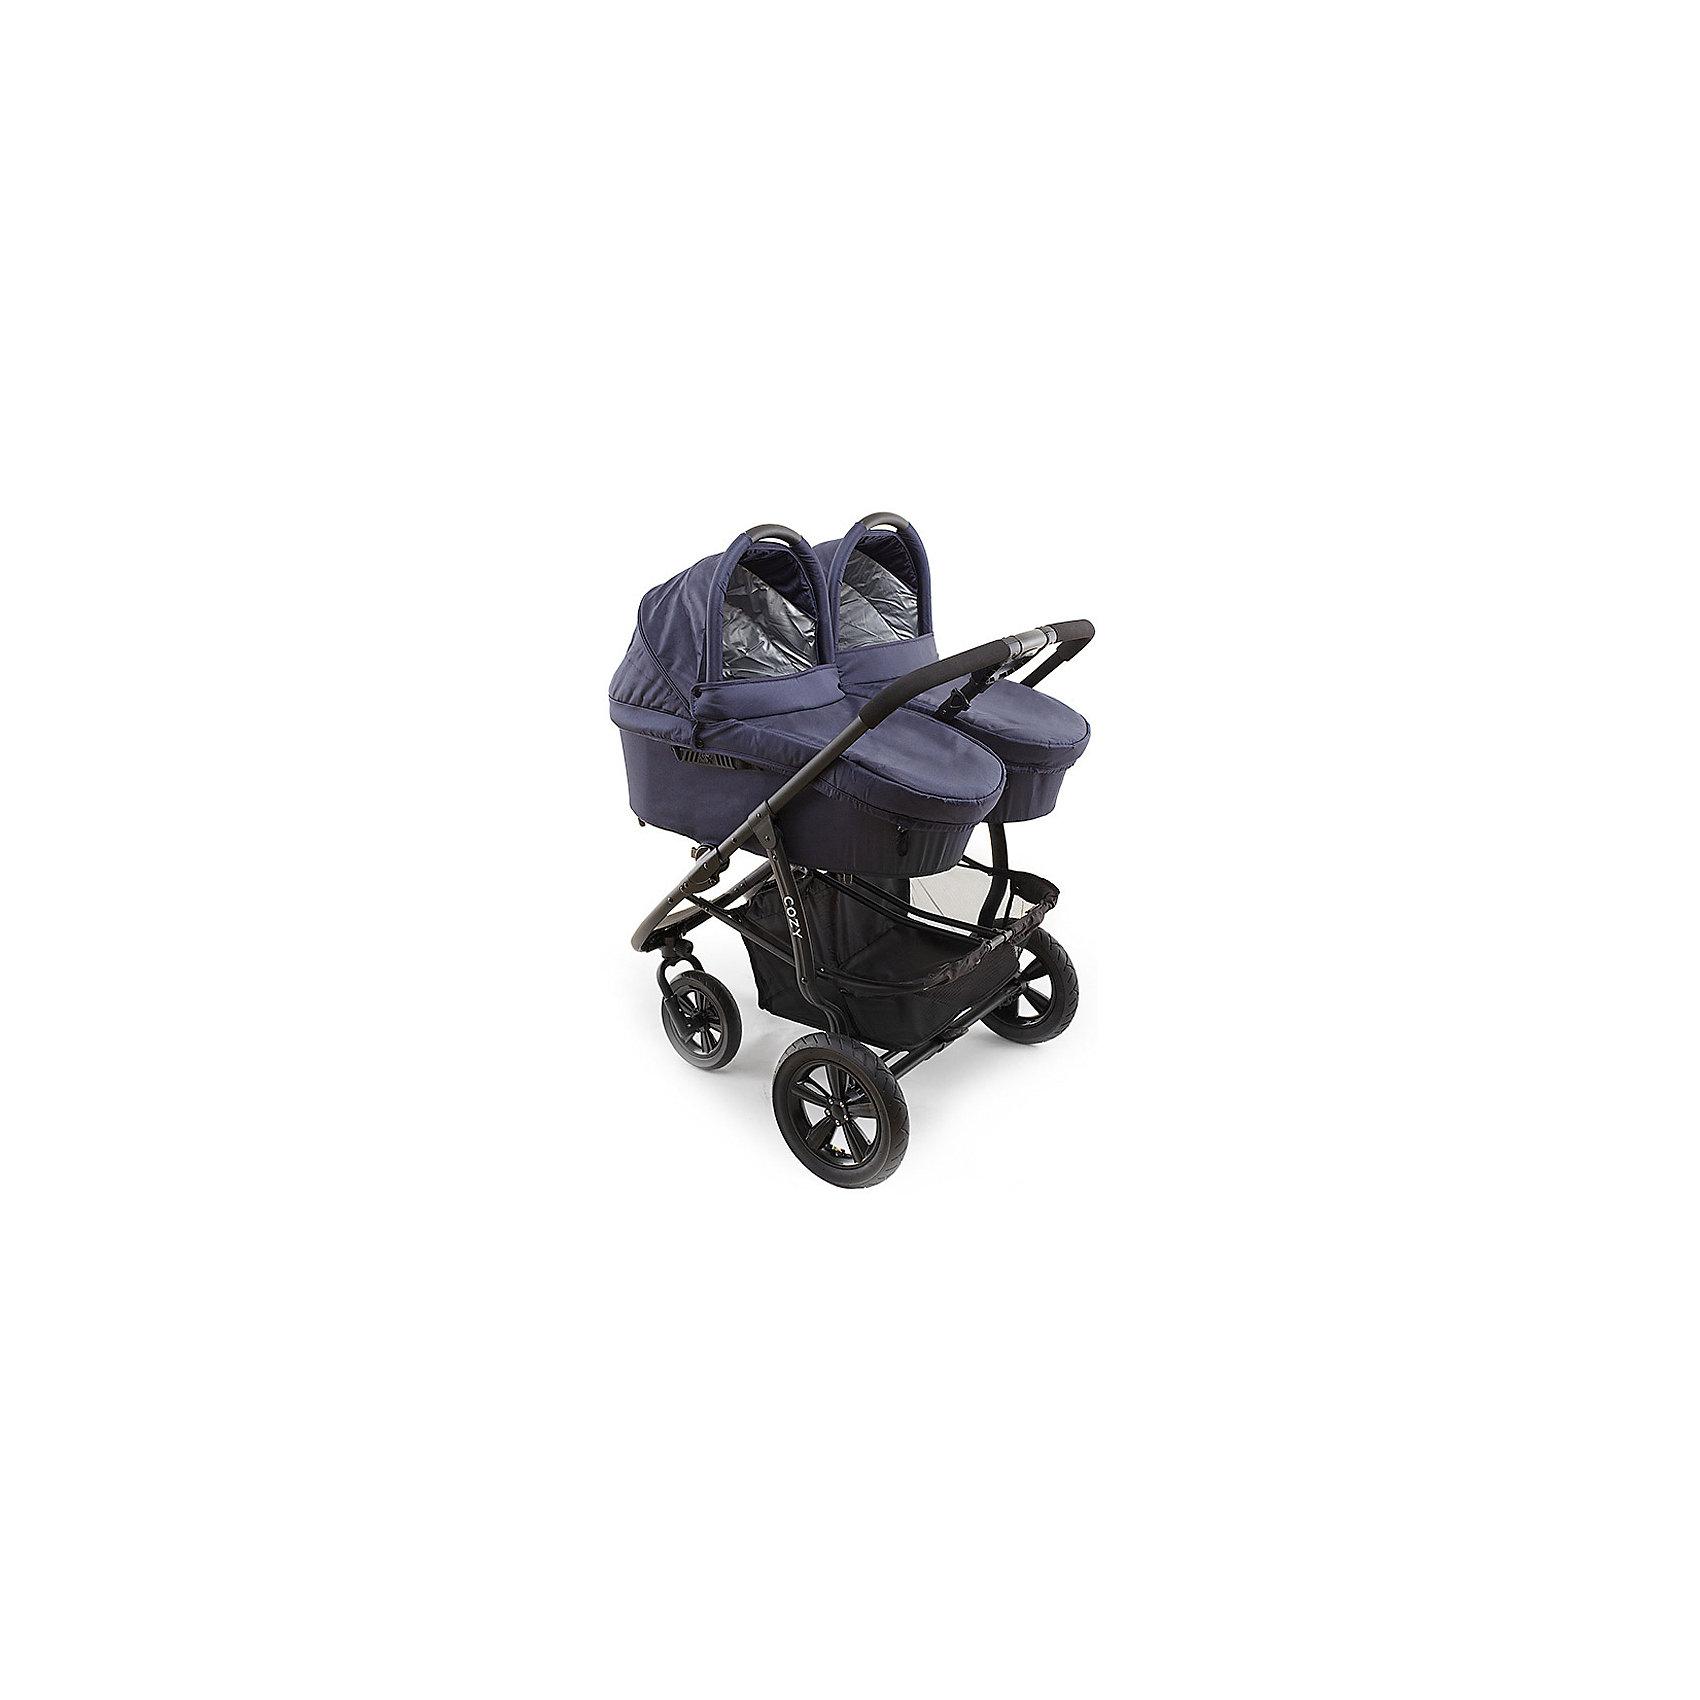 Прогулочная коляска для двойни DOU, Cozy, темно-синий (COZY)